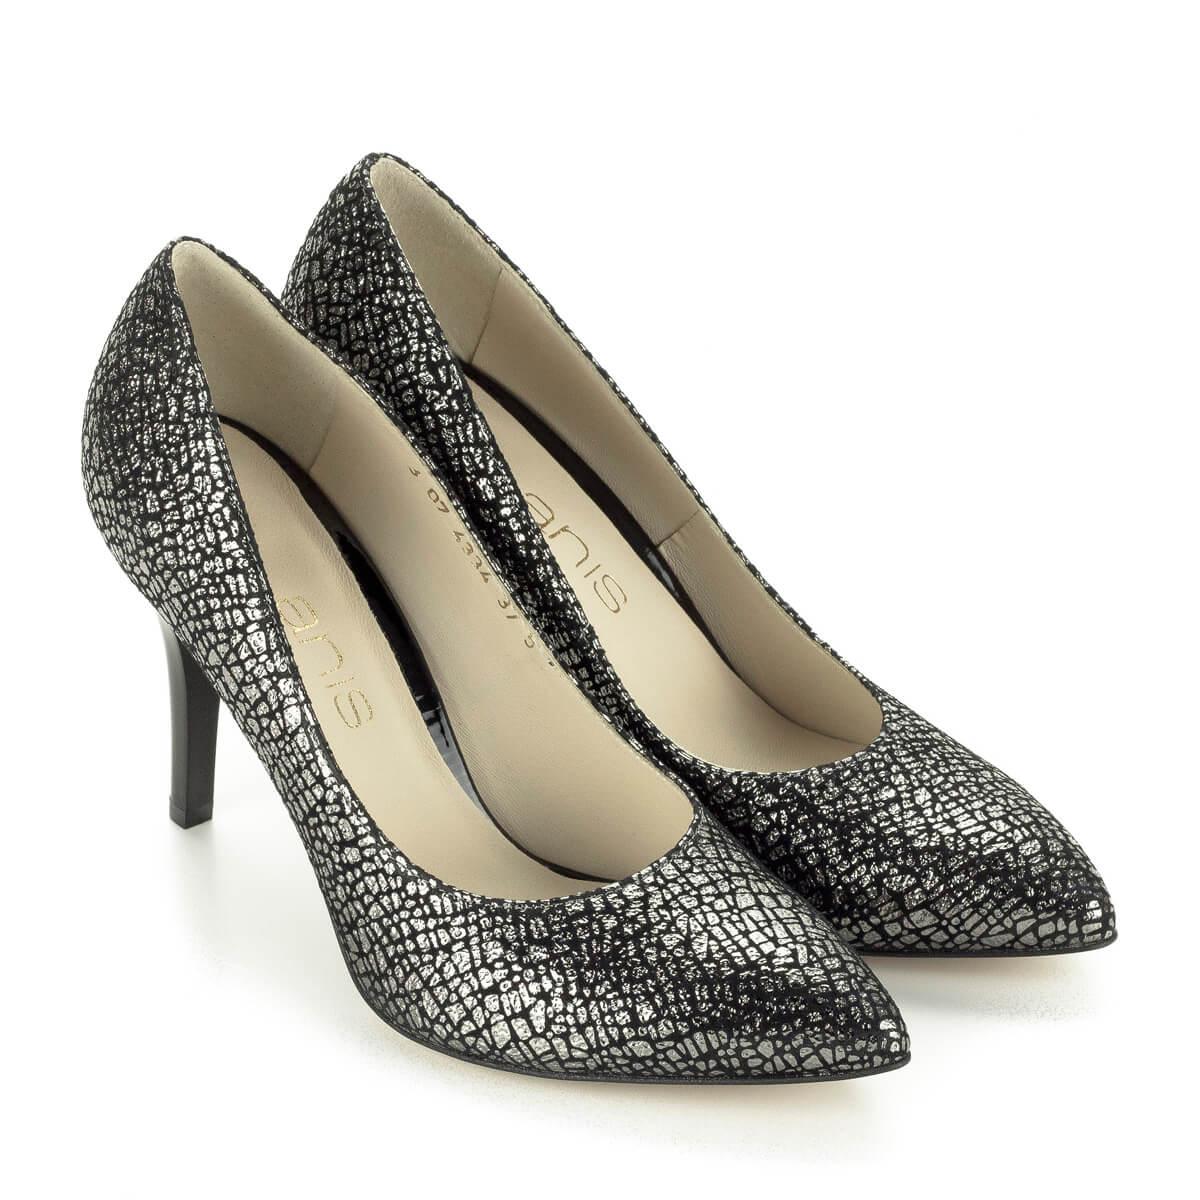 A körömcipő  Fekete-ezüst Anis cipő 9 cm-es sarokkal 180b28403e